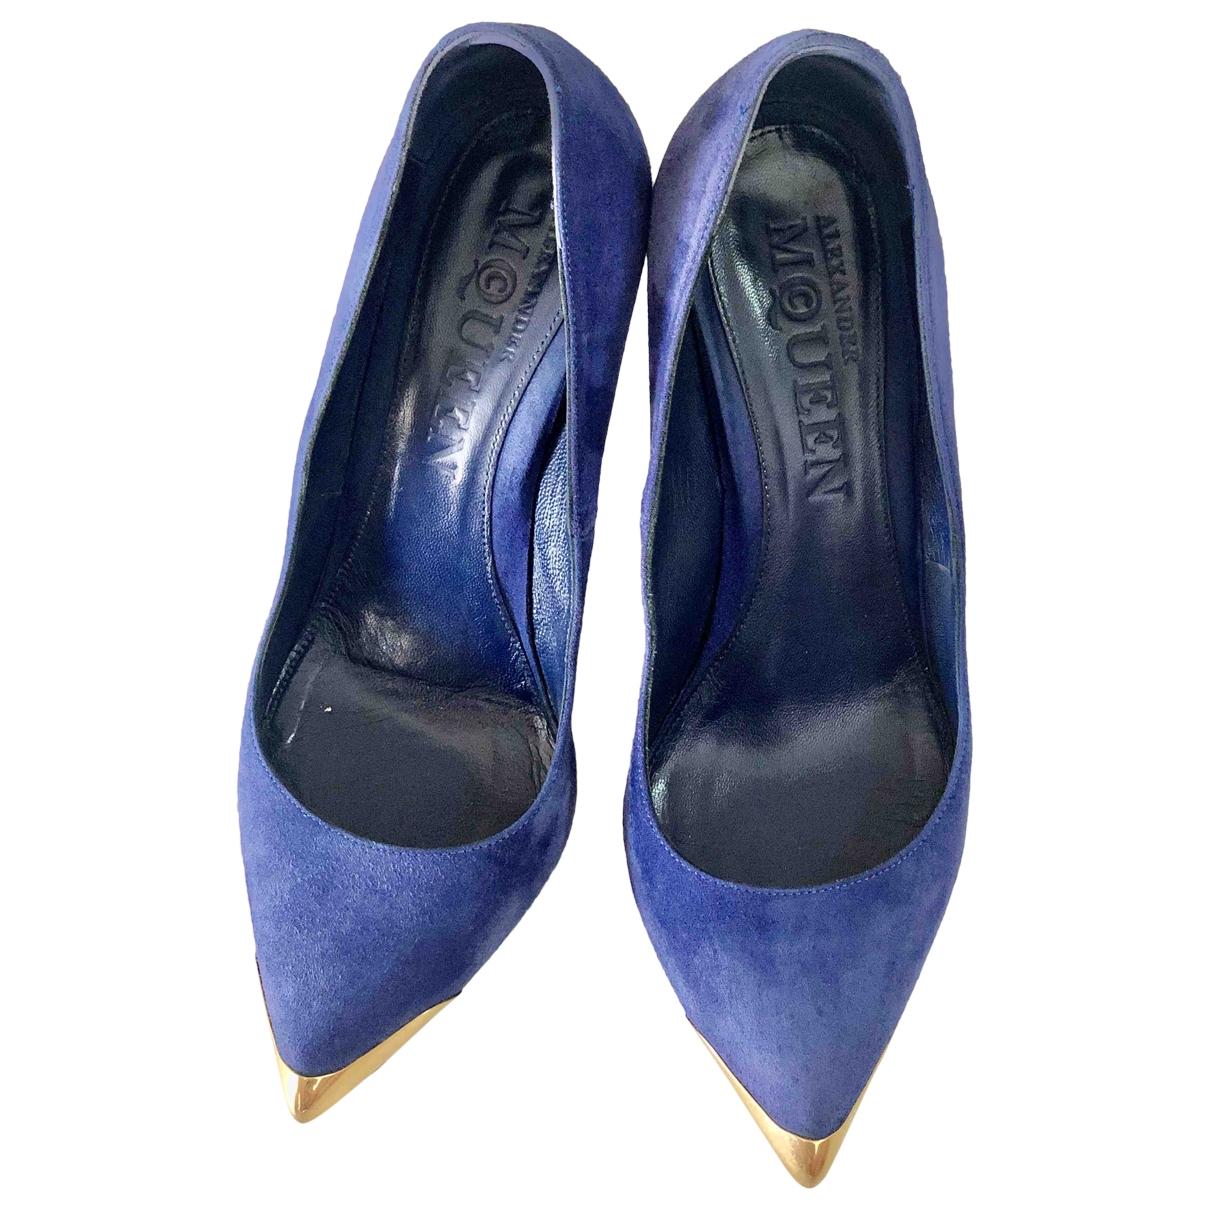 Alexander Mcqueen \N Blue Suede Heels for Women 37.5 EU